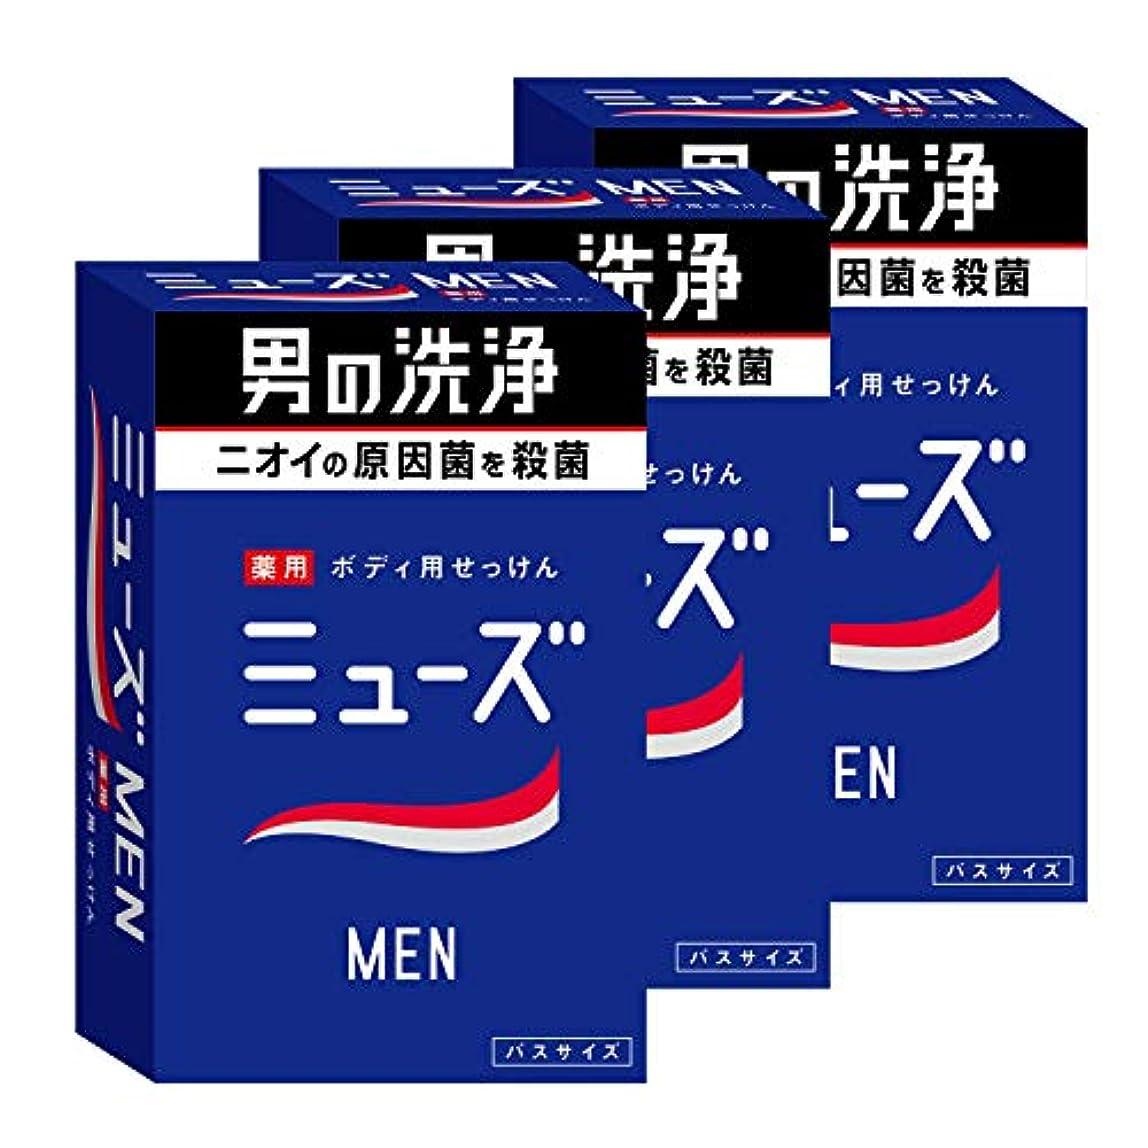 恐ろしいピアースよろめく【医薬部外品】ミューズメン ボディ用 石鹸 135g ×3個 消臭